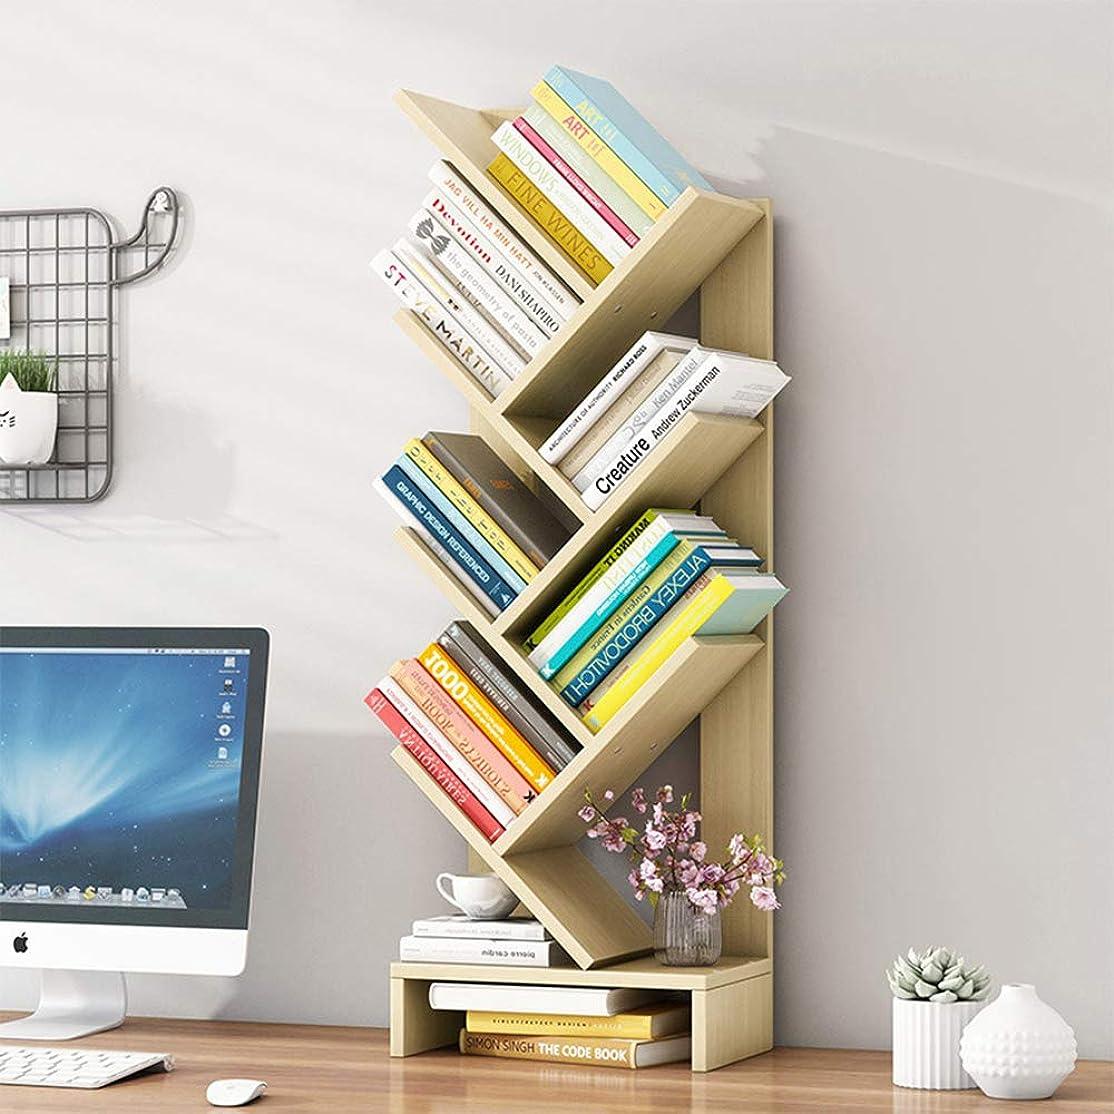 コテージ幸福農場デスク上置棚 ブックシェルフ 書架 本棚 木製 ブックシェルフ 本棚 ブックスタンド デスク上 机上 卓上 置棚 オブジェ ラック コンパクト 省スペース 大容量 組み立て簡単 卓上整理 書類整理 机上用品